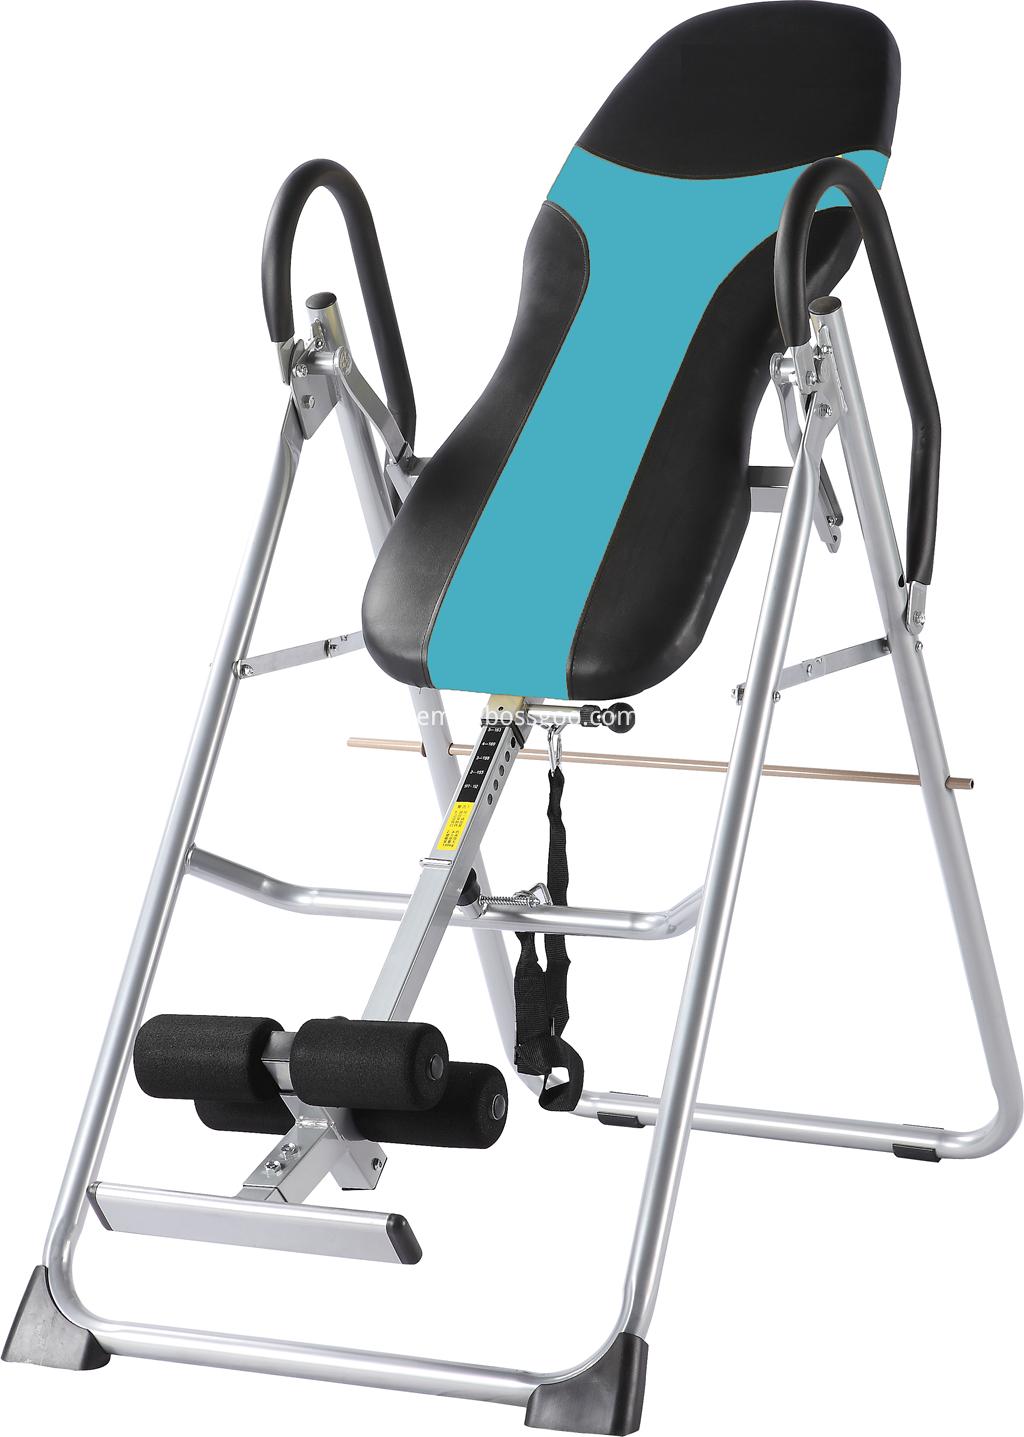 mini inversion therapy table